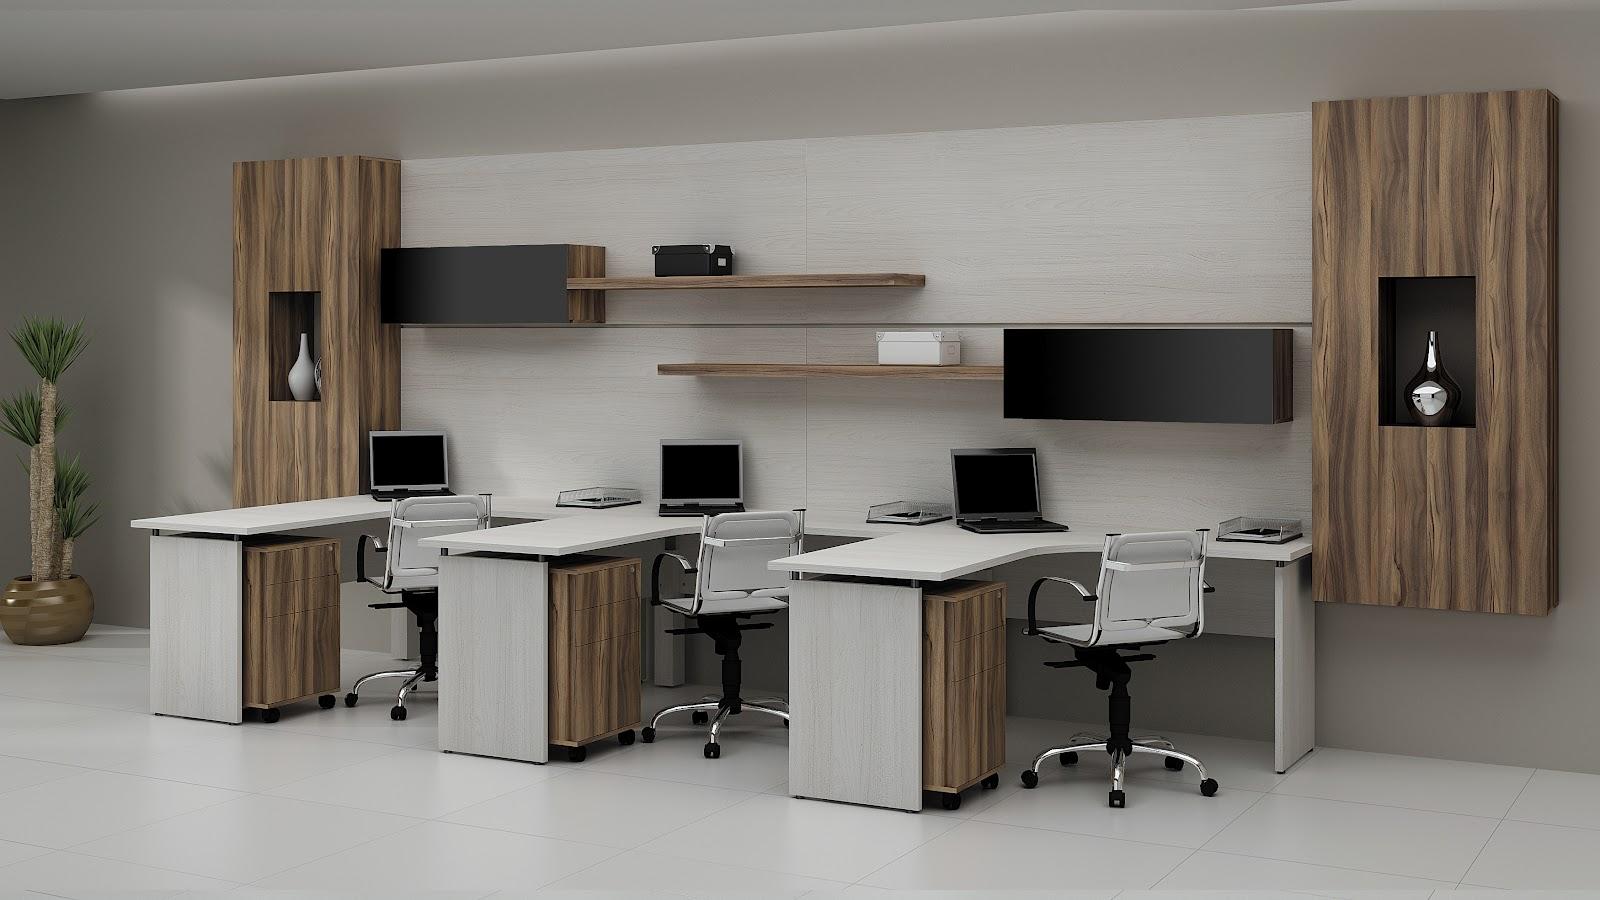 Os móveis modulados possuem a vantagem de permiti alteração, pois são feito em módulos.